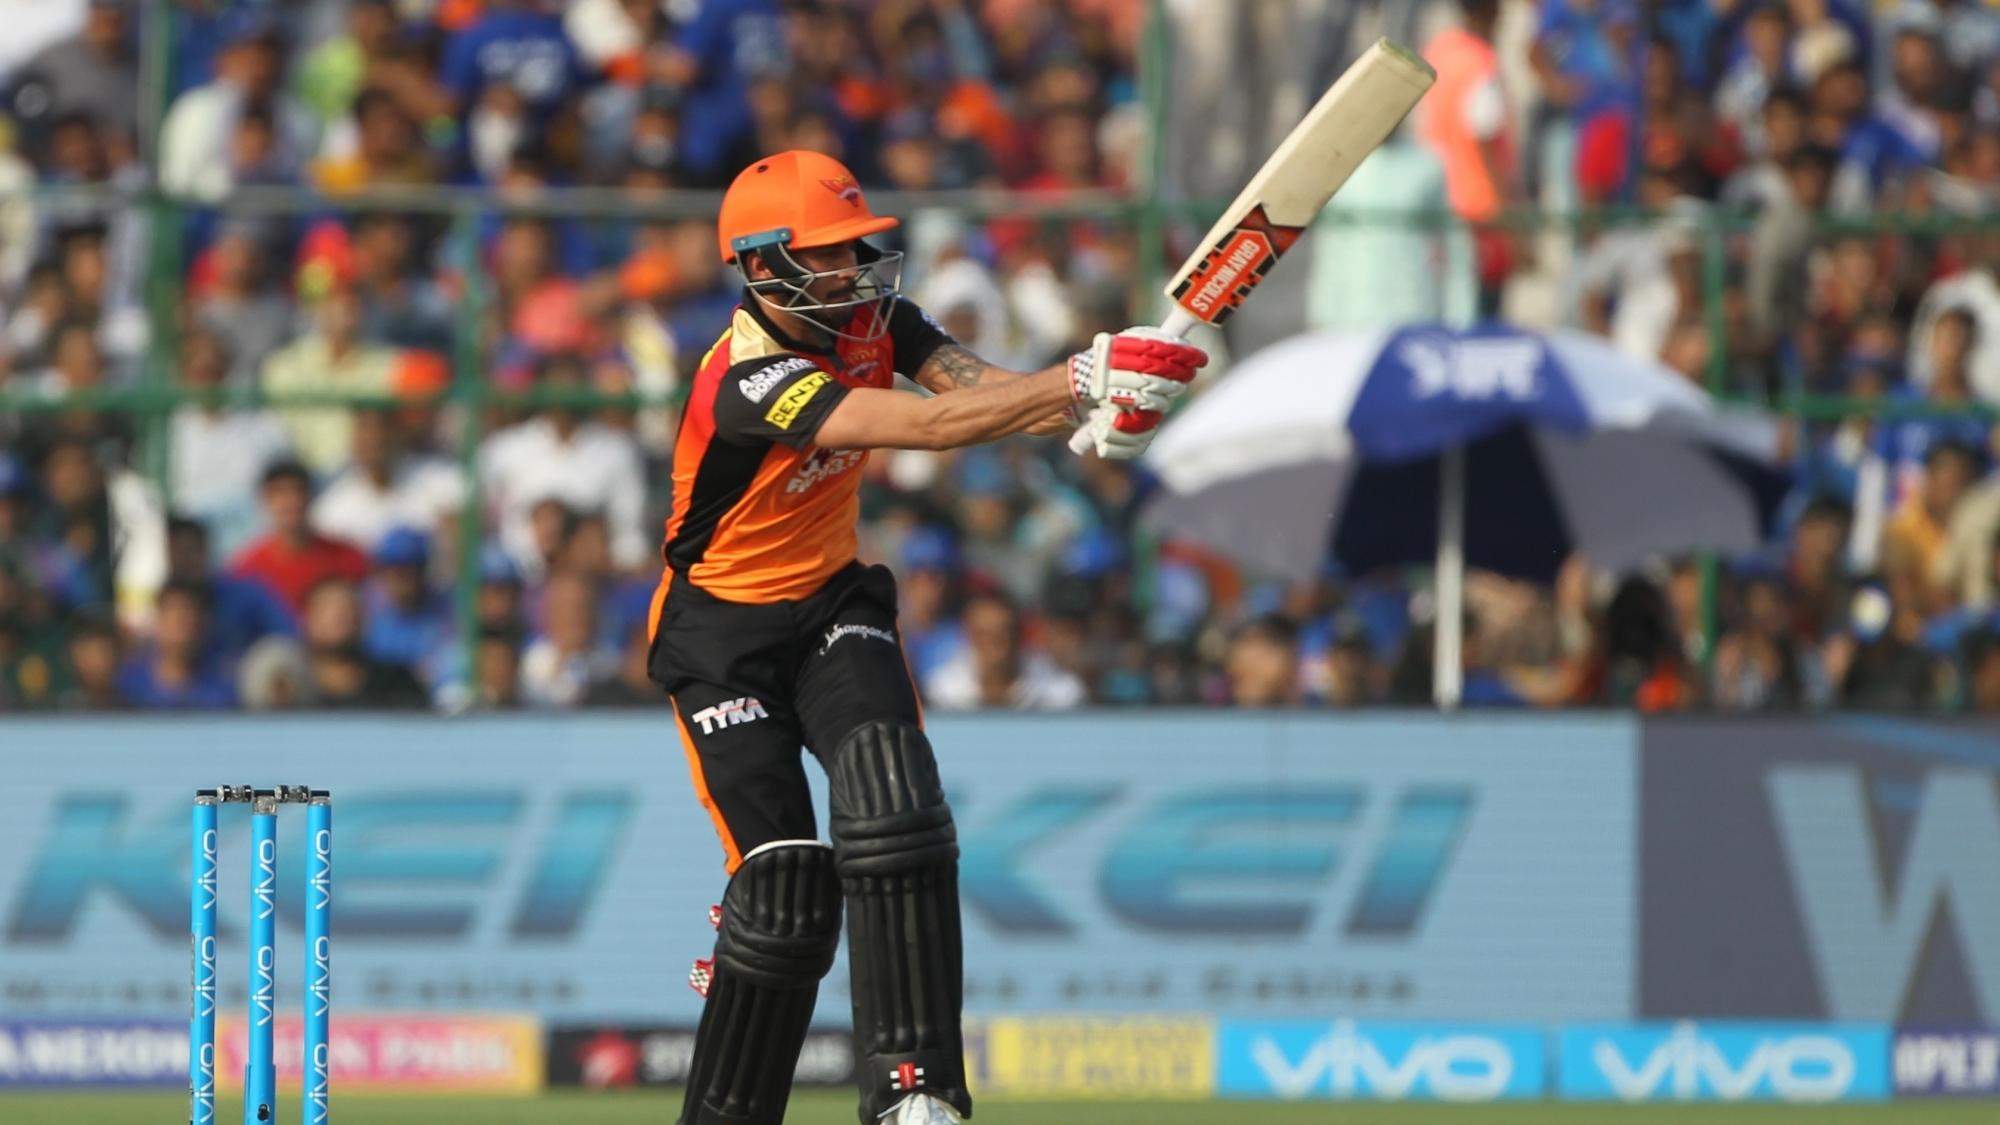 IPL 2018 : मनीष पांडे ने अपने आलोचकों के लिए मुँहतोड़ जवाब दने वाला किया पोस्ट, लेकिन जल्द ही उसे किया डिलीट